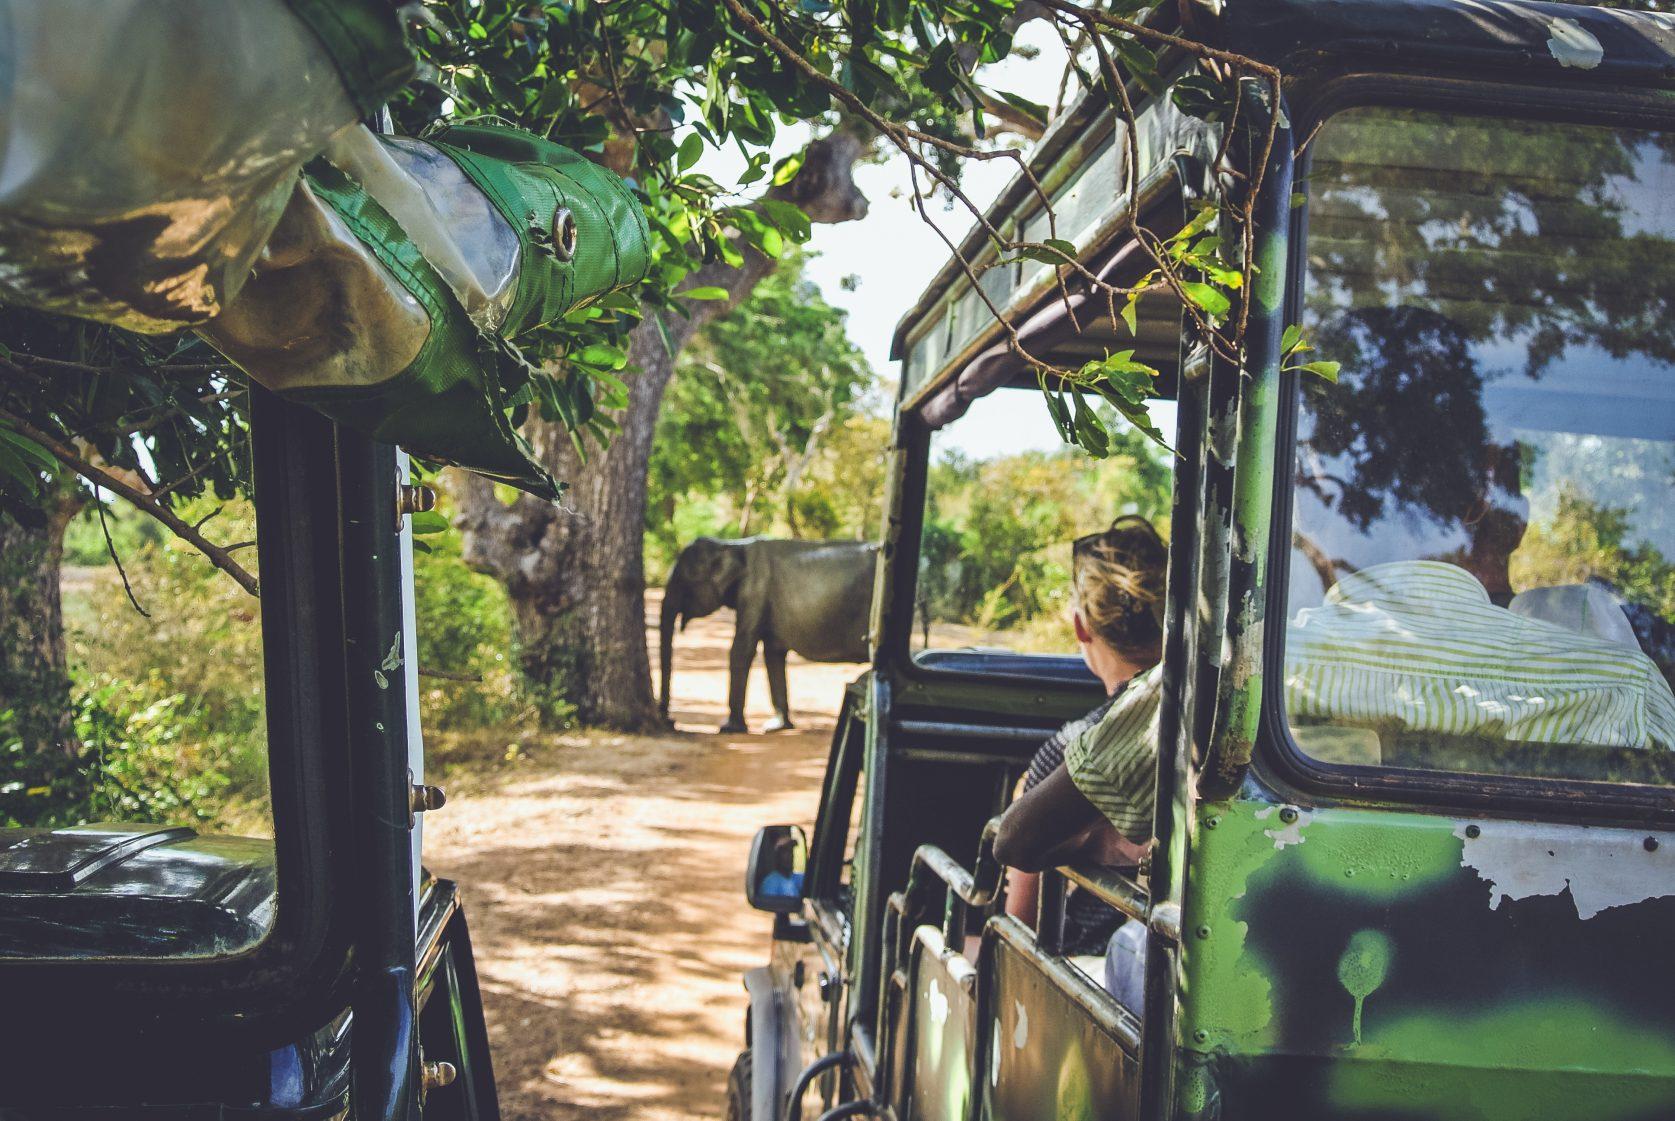 Tijdens de safaries kom je zelfden wilde dieren tegen